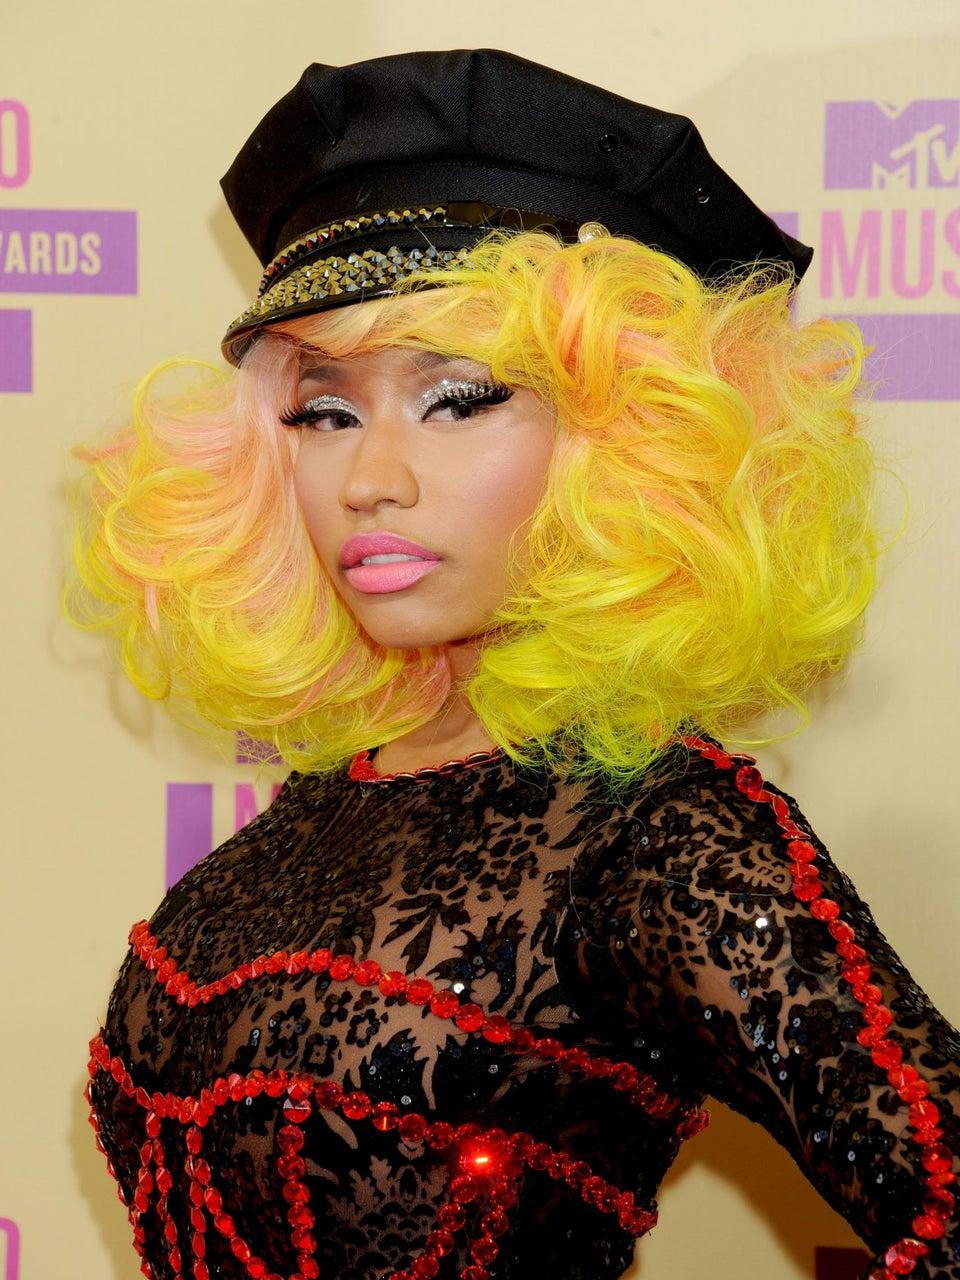 Nicki Minaj to Star in New E! Series